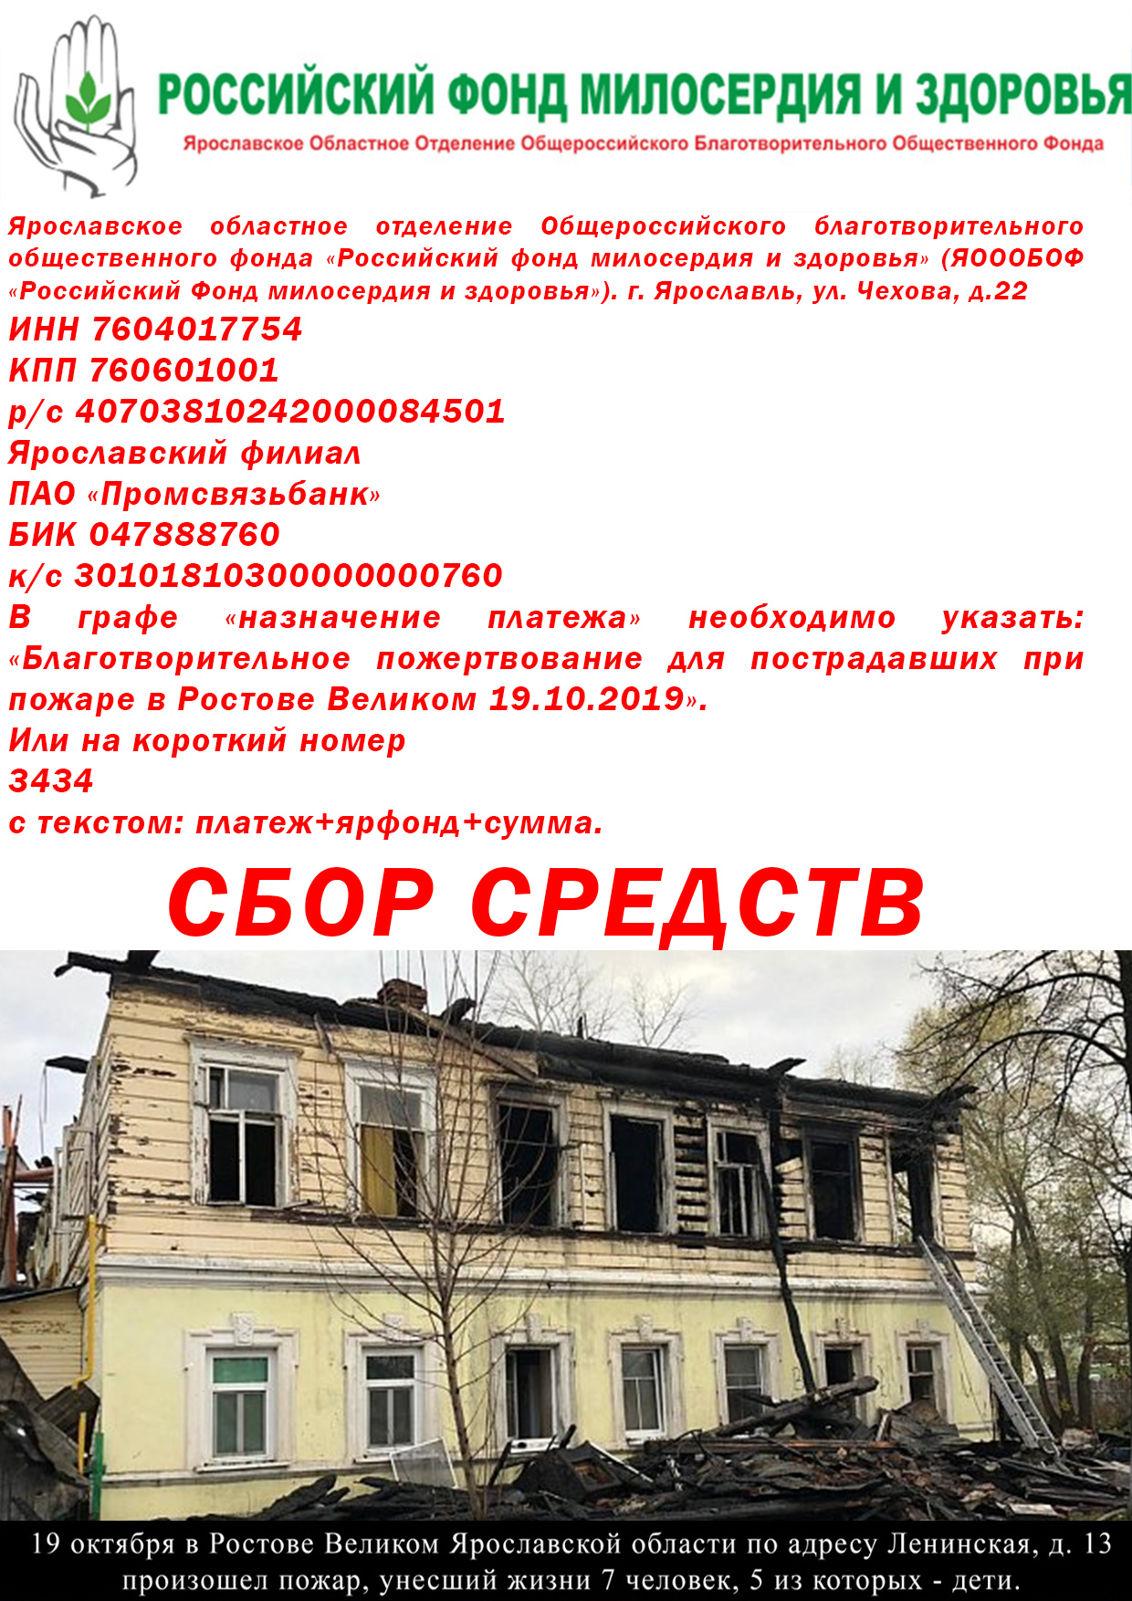 Как помочь: в Ярославской области стартовал сбор средств для пострадавших при пожаре в Ростове